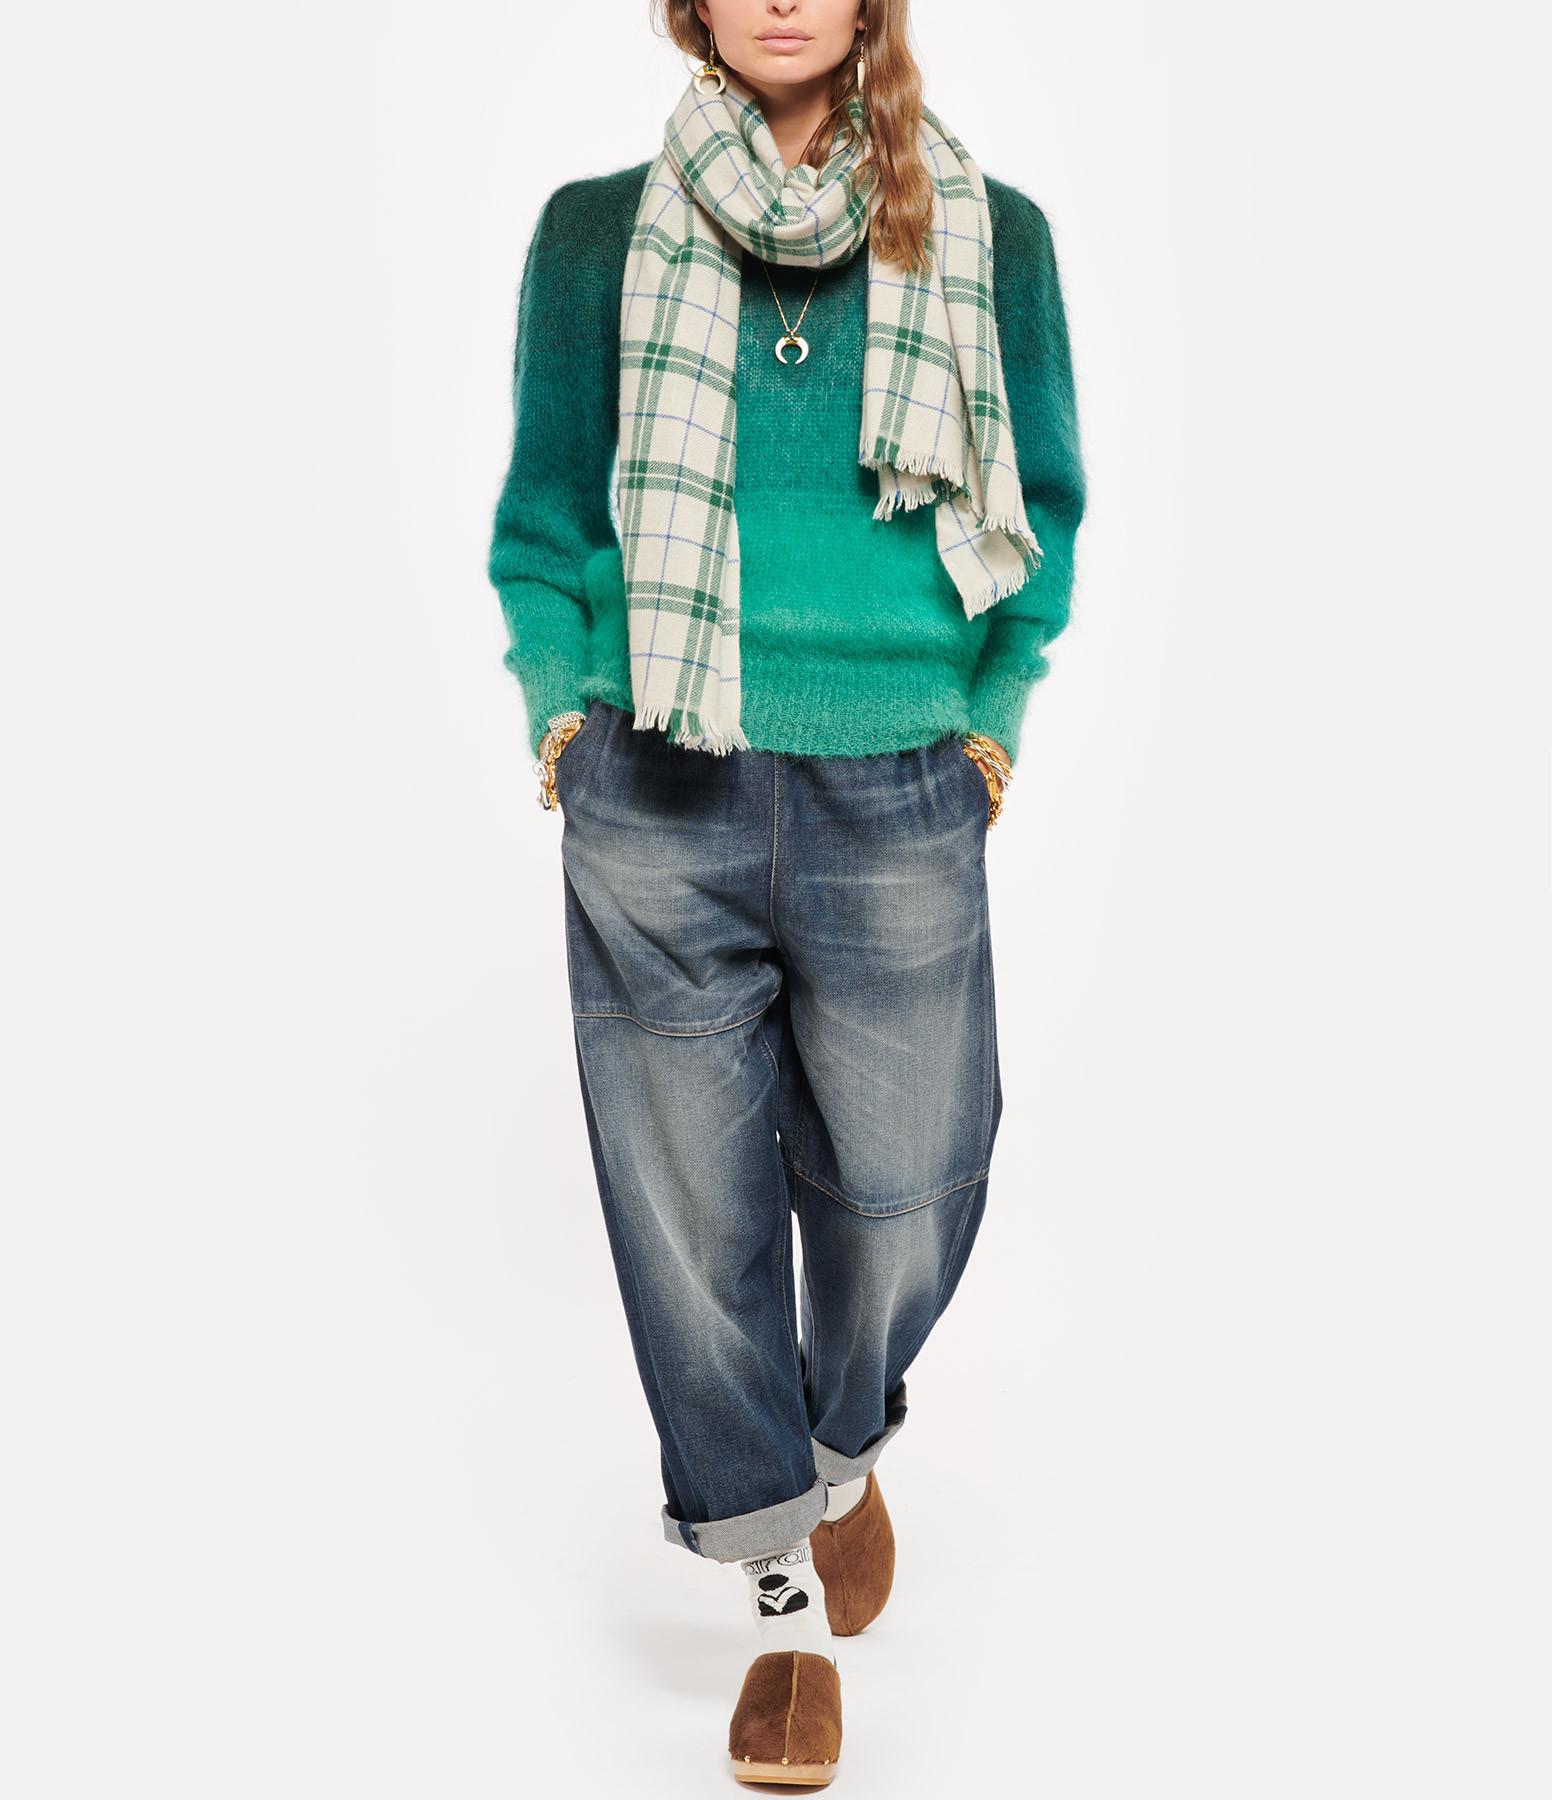 ISABEL MARANT - Chaussettes Silou Coton Vert